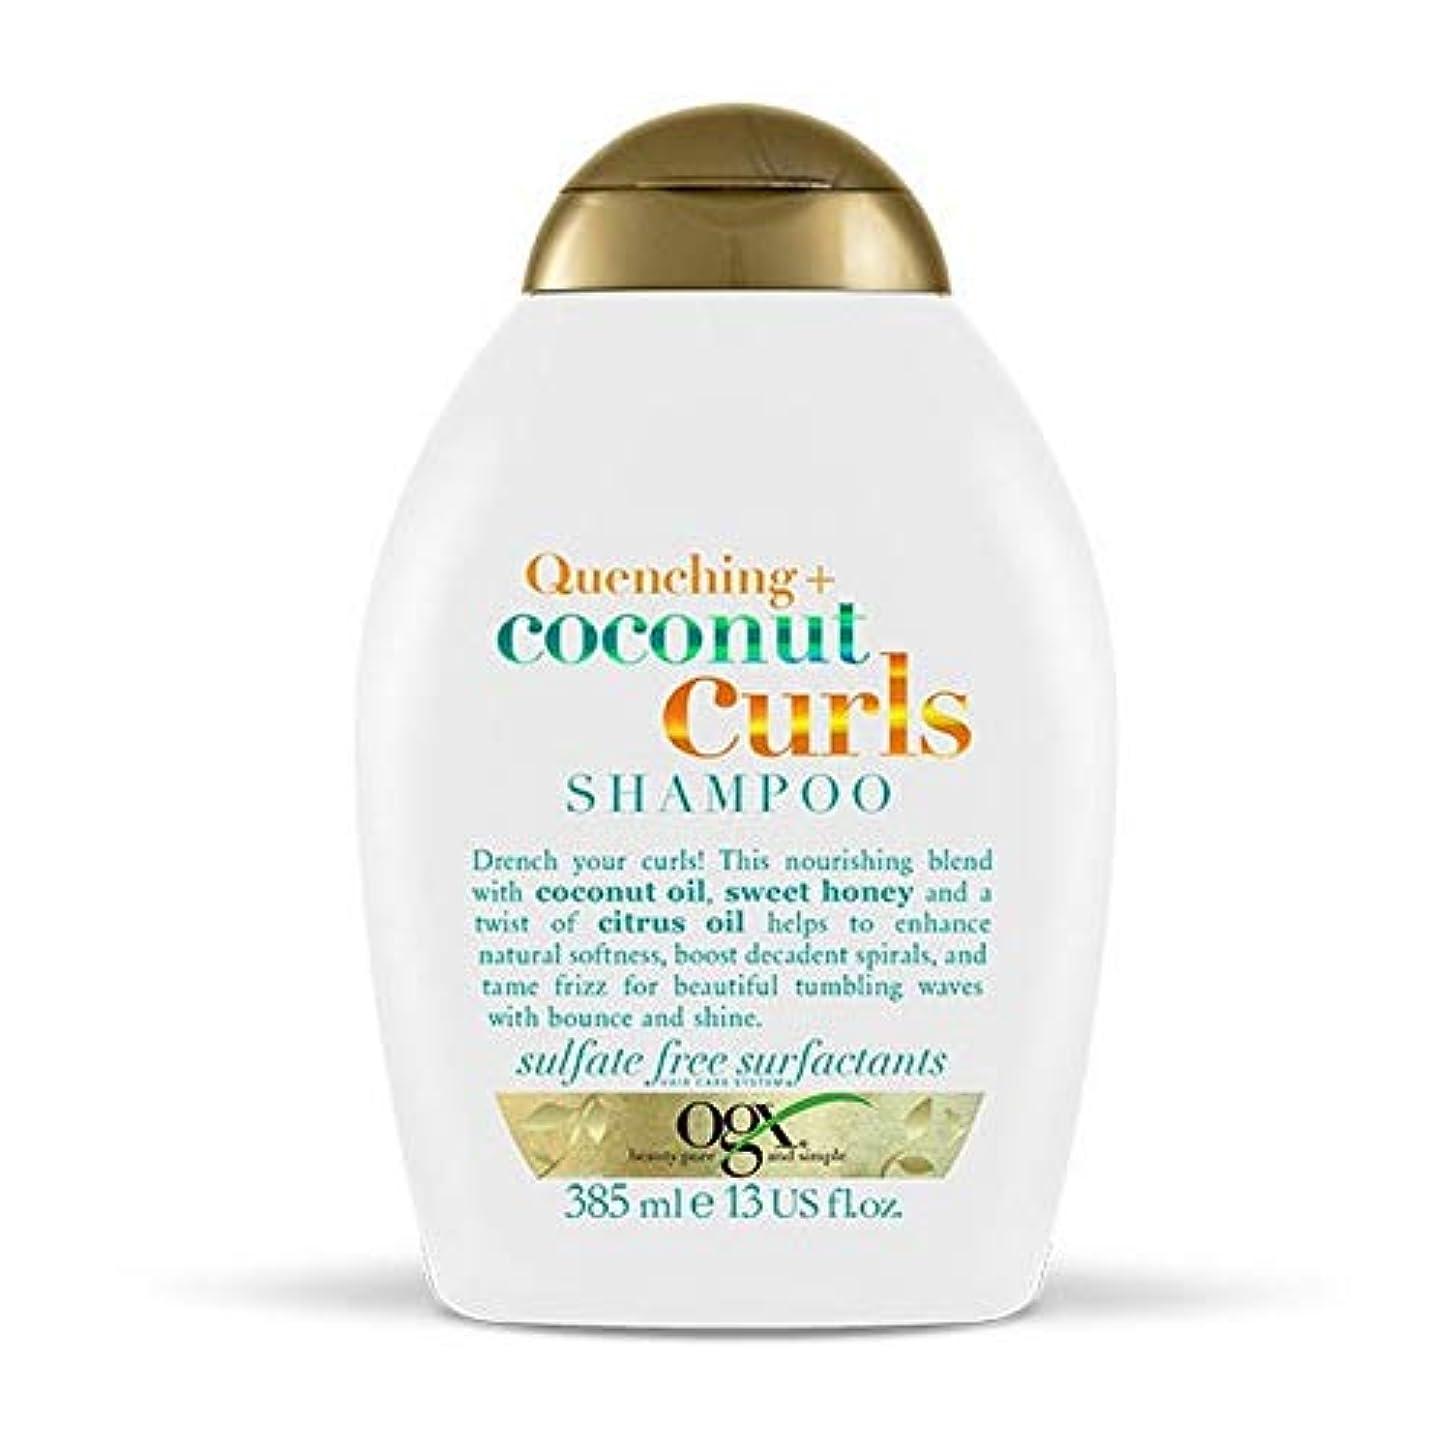 ポーター殺人者愛撫[Ogx] Ogx消光ココナッツカールシャンプー385ミリリットル - OGX Quenching Coconut Curls Shampoo 385ml [並行輸入品]